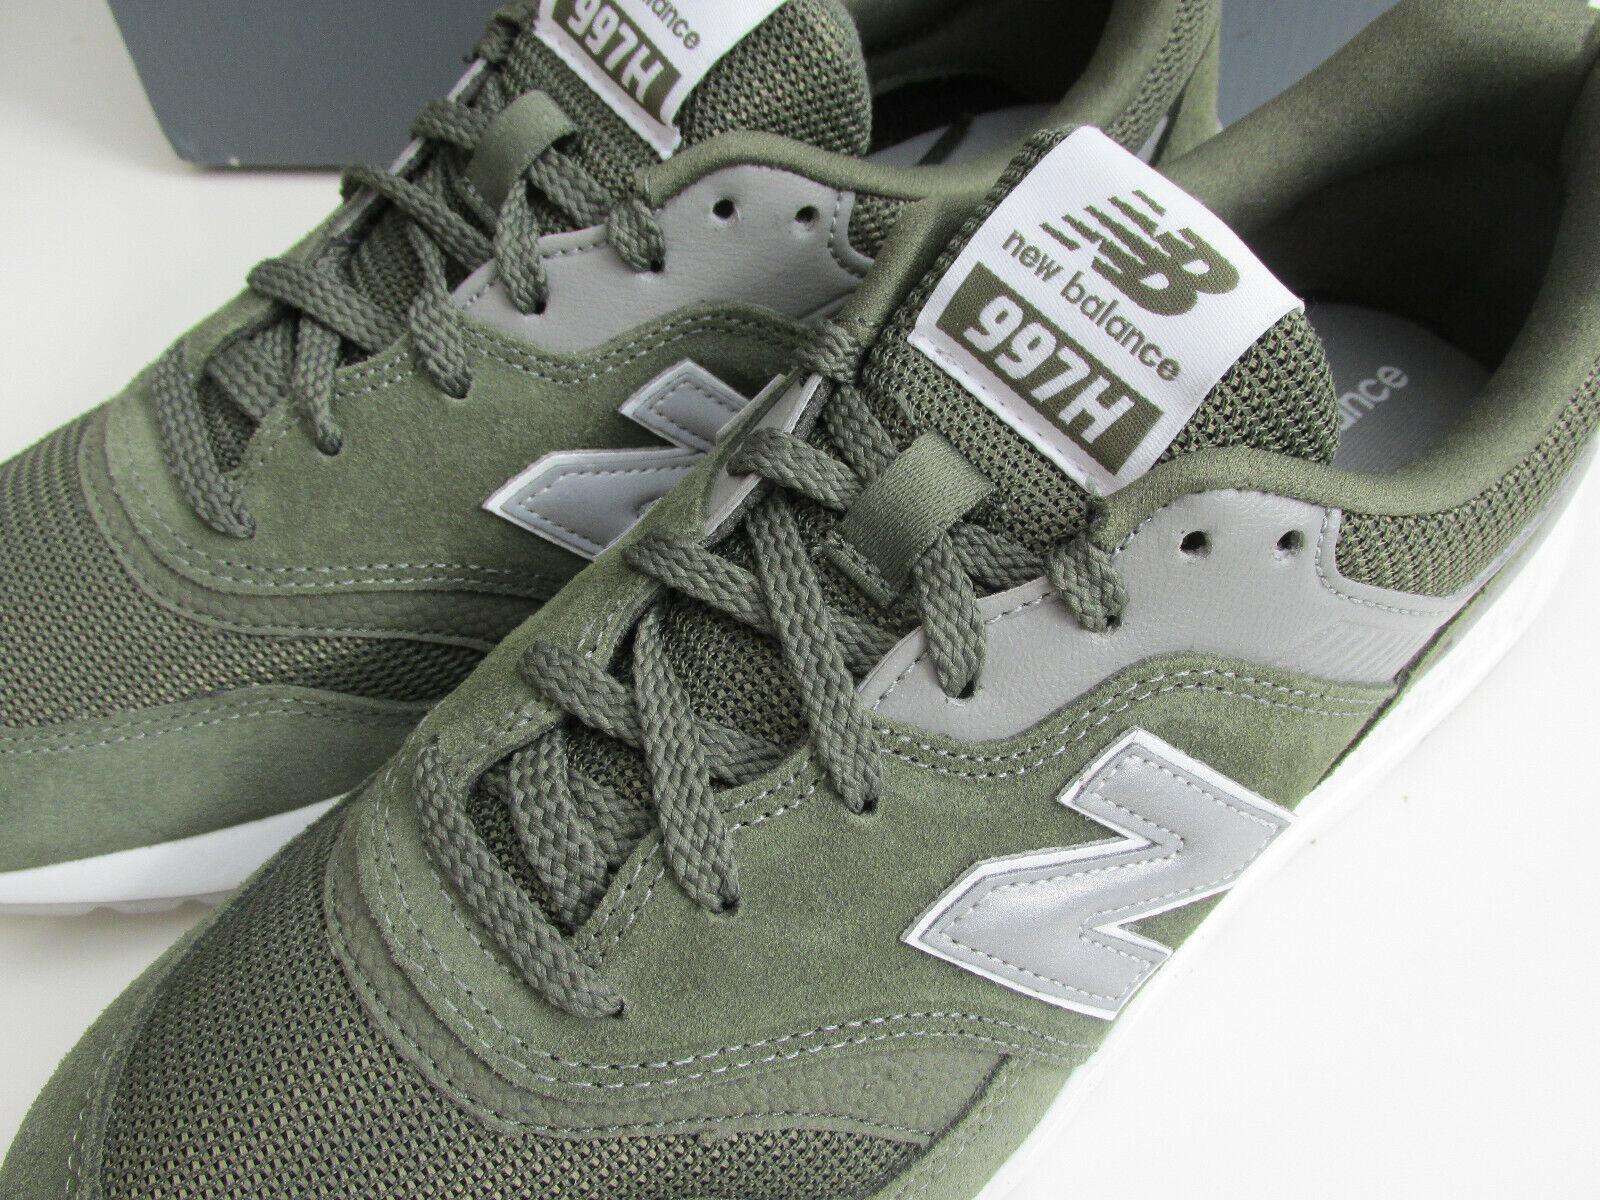 bfe333e680 Nuevo Y En Caja New Balance Cg UK 8.5 Ante verde parte superior de malla  997 997hcg Caqui 997h nqkgfh5318-zapatos nuevos